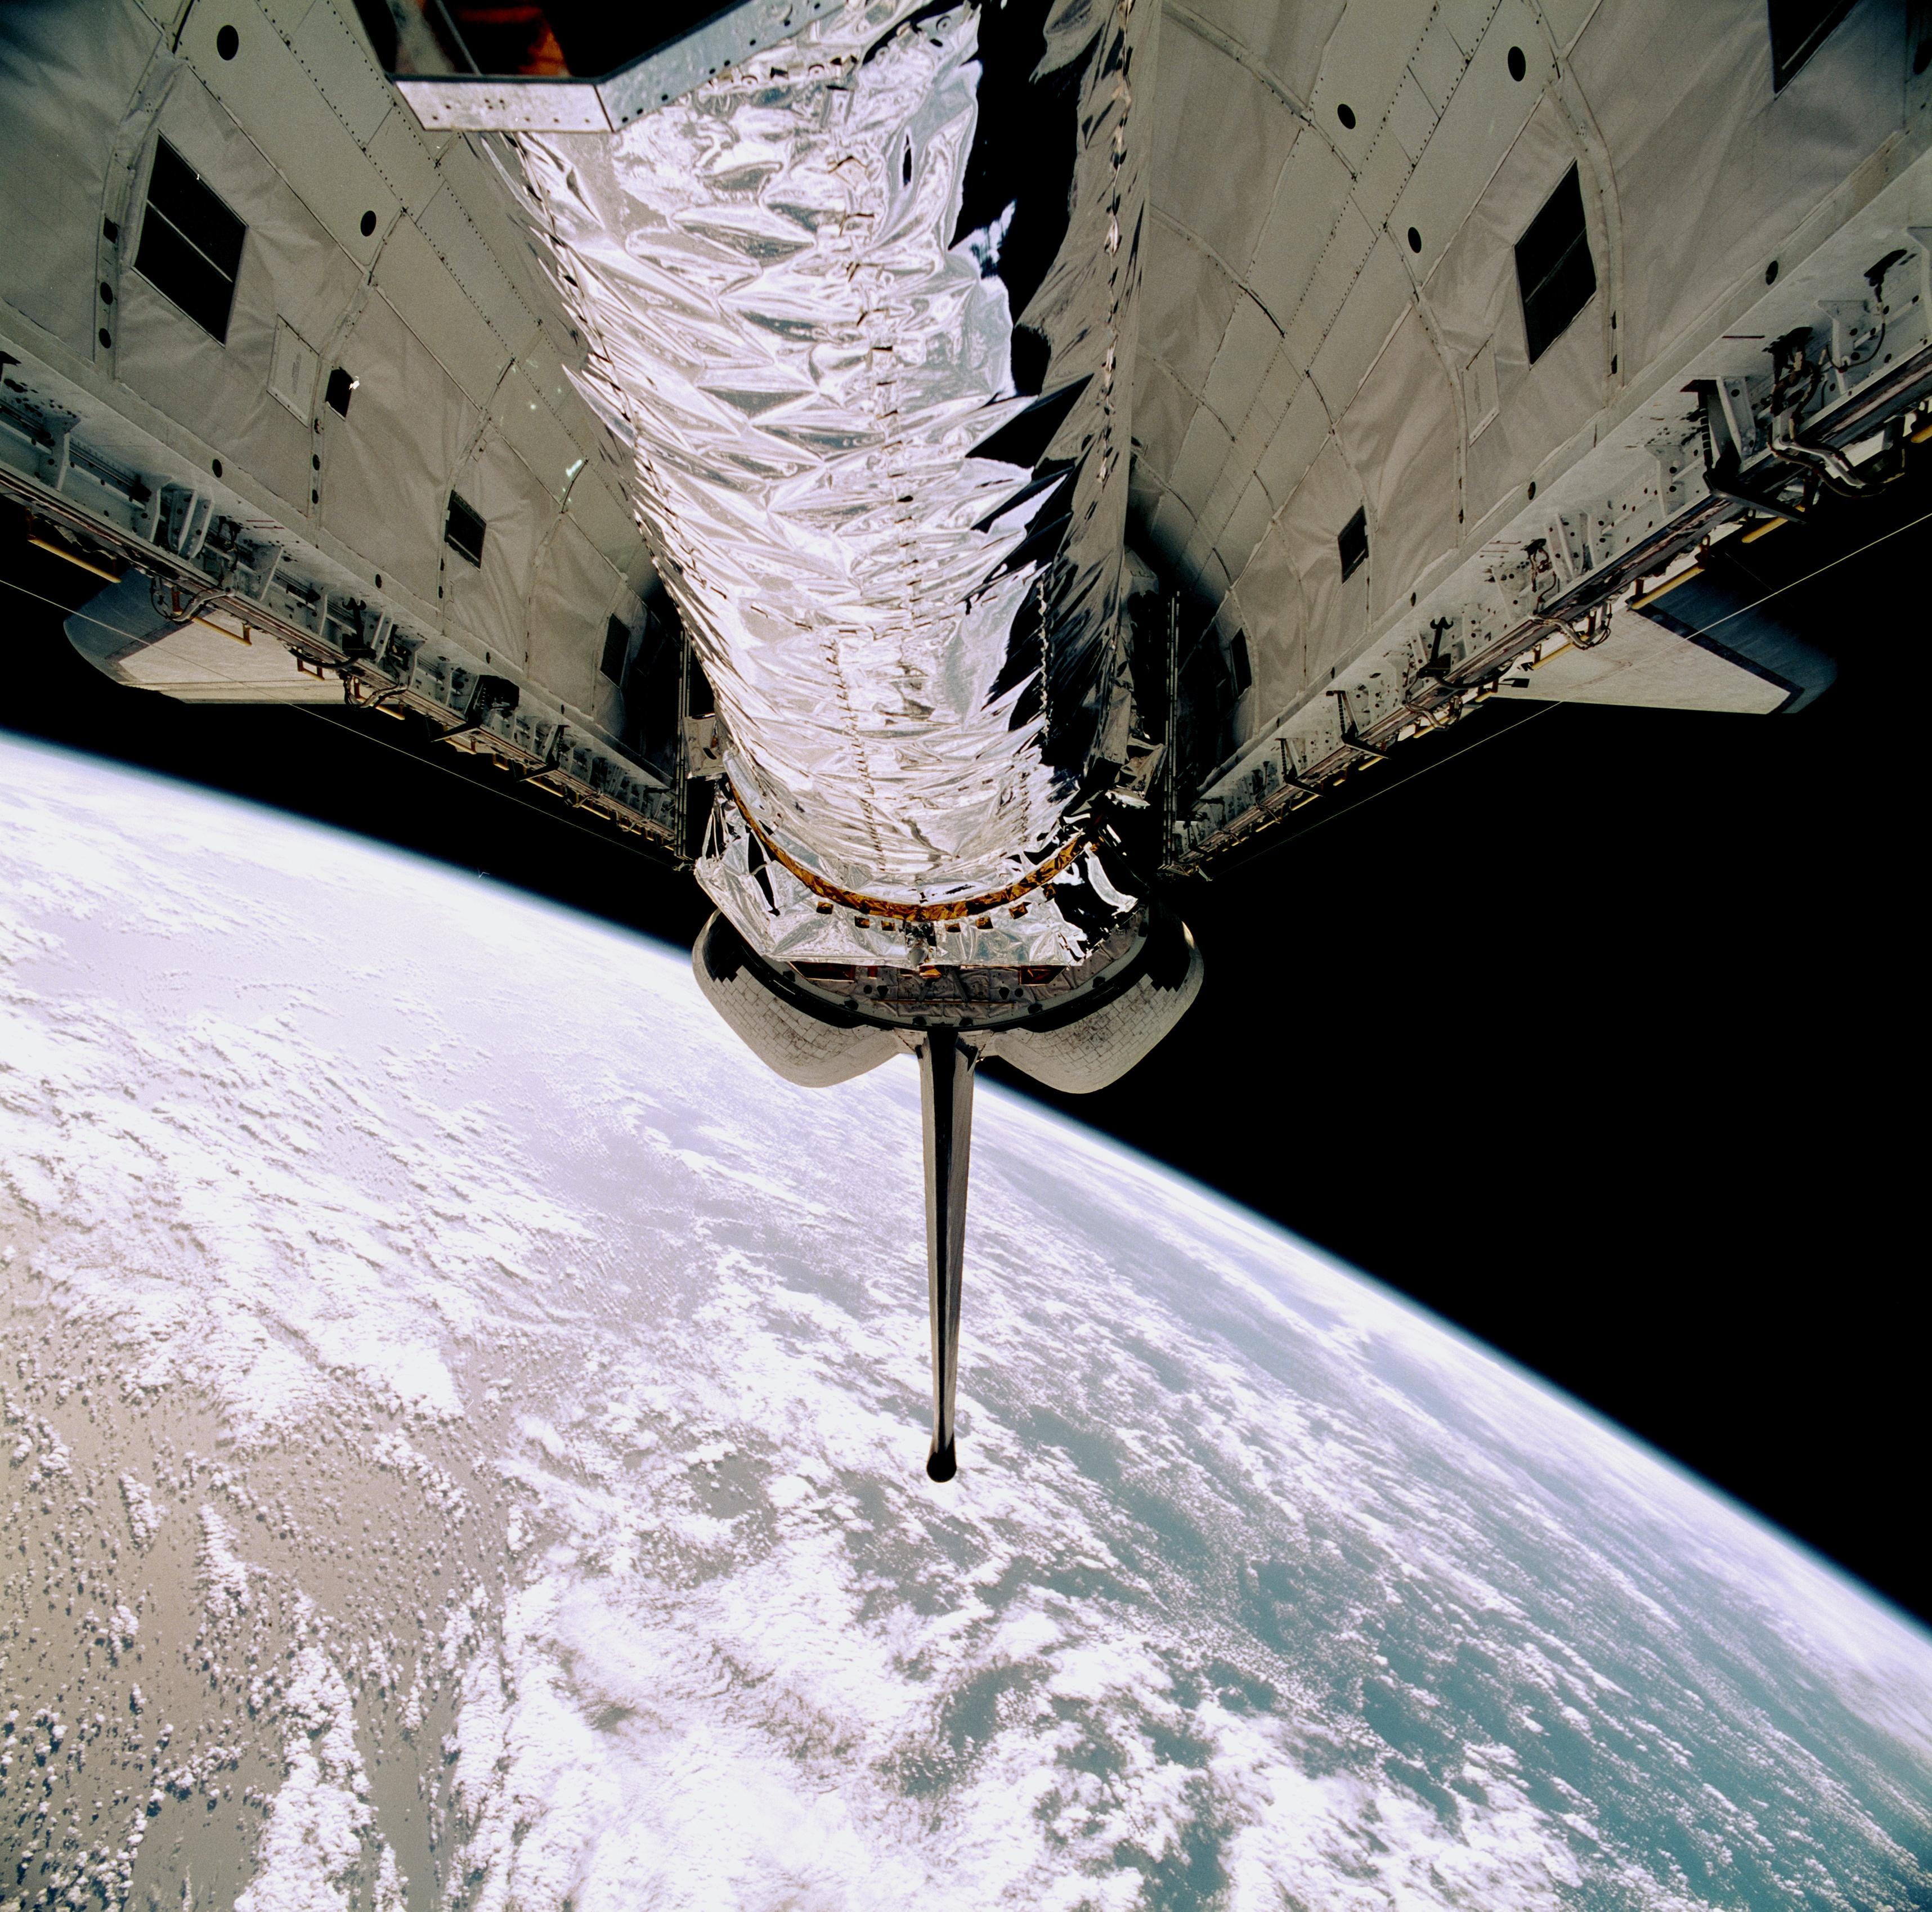 Nuestra exploración del espacio nos ha llevado a ver las cosas más maravillosas